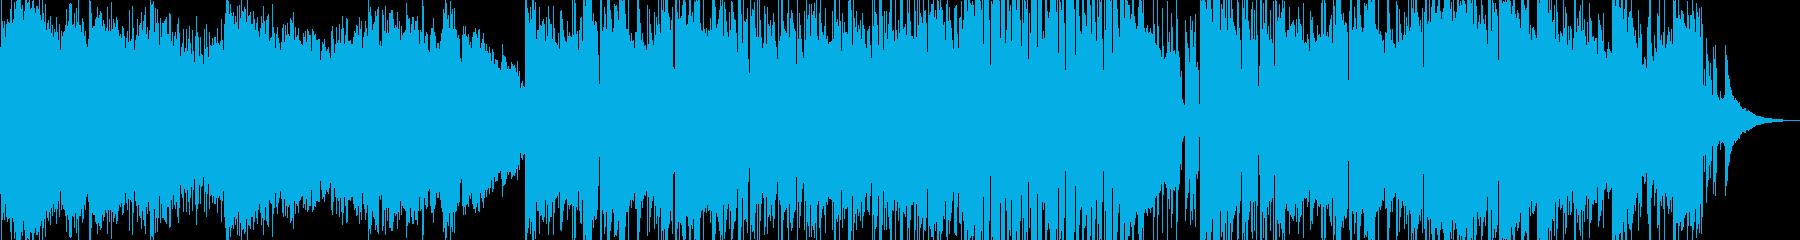 トラッド色のある喜びのワールド・ポップの再生済みの波形